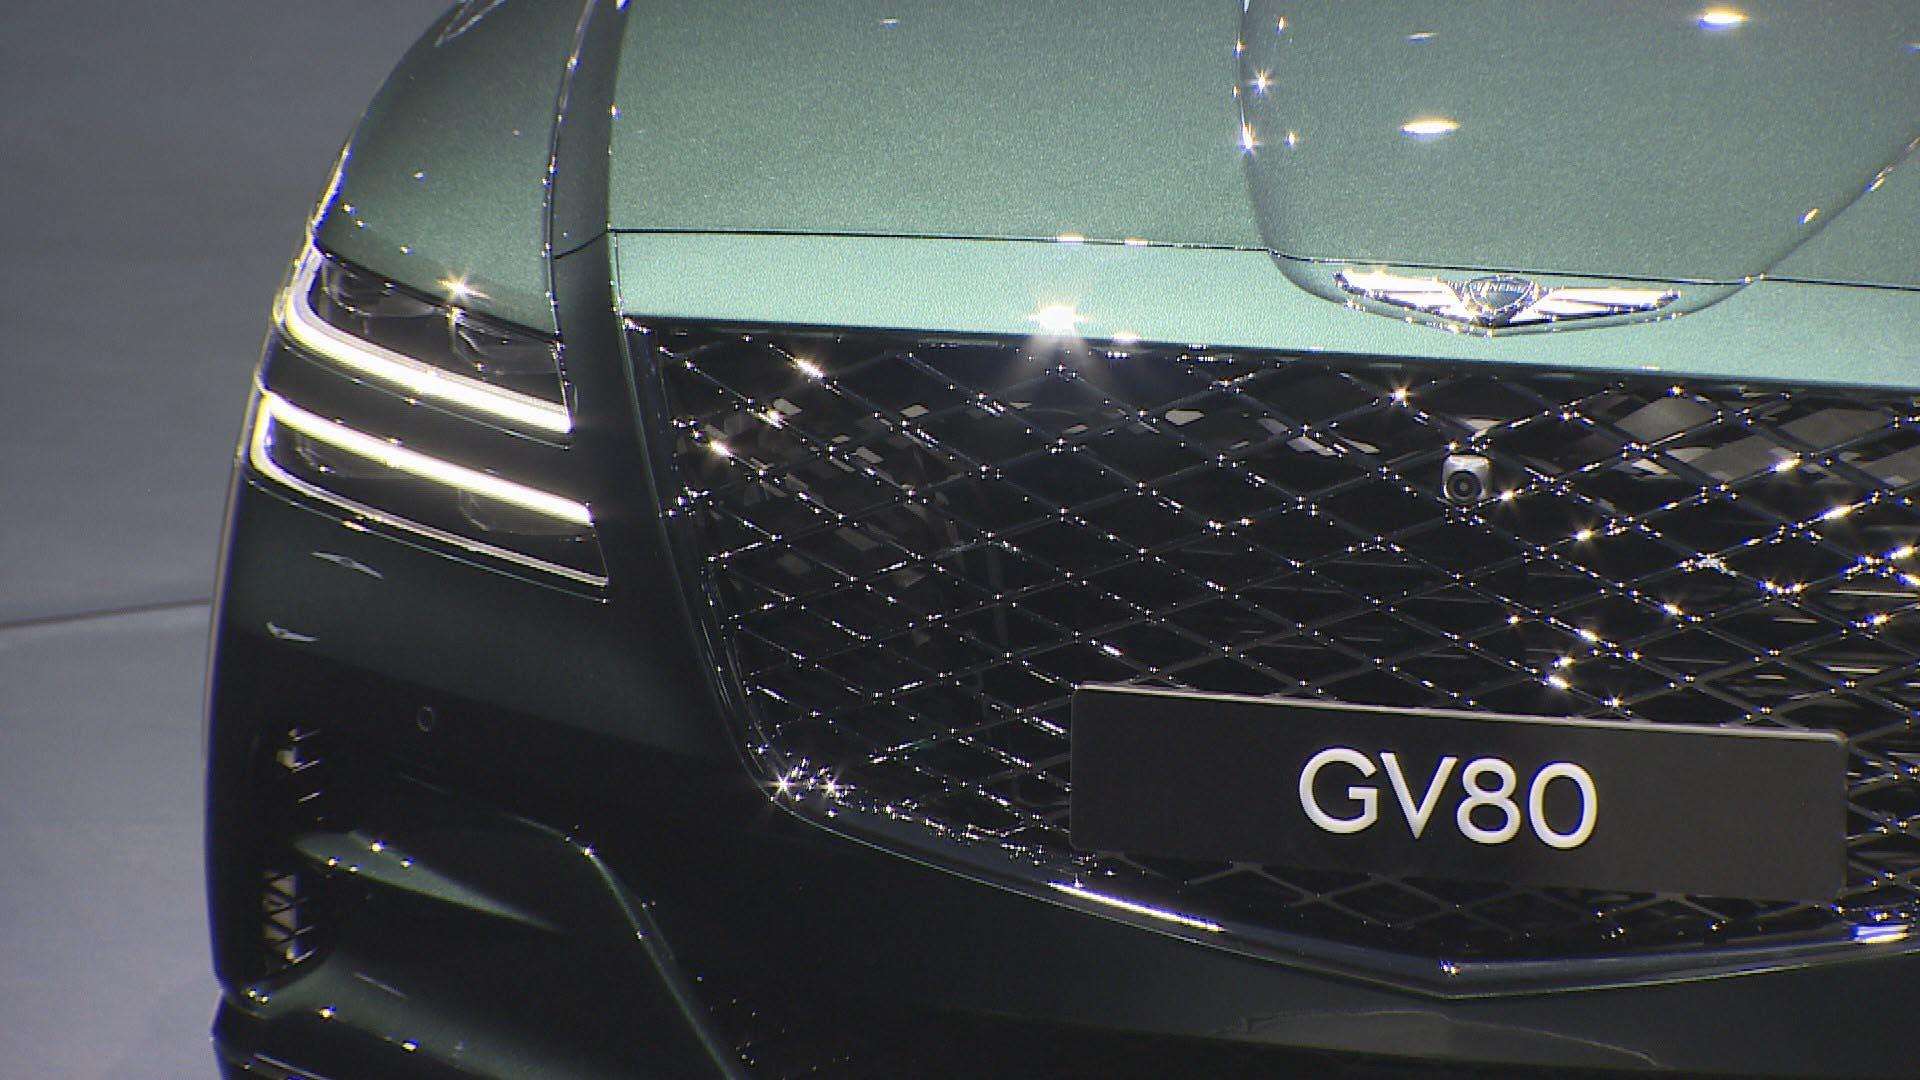 현대차 '떨림 현상' GV80 디젤차 출고 중지